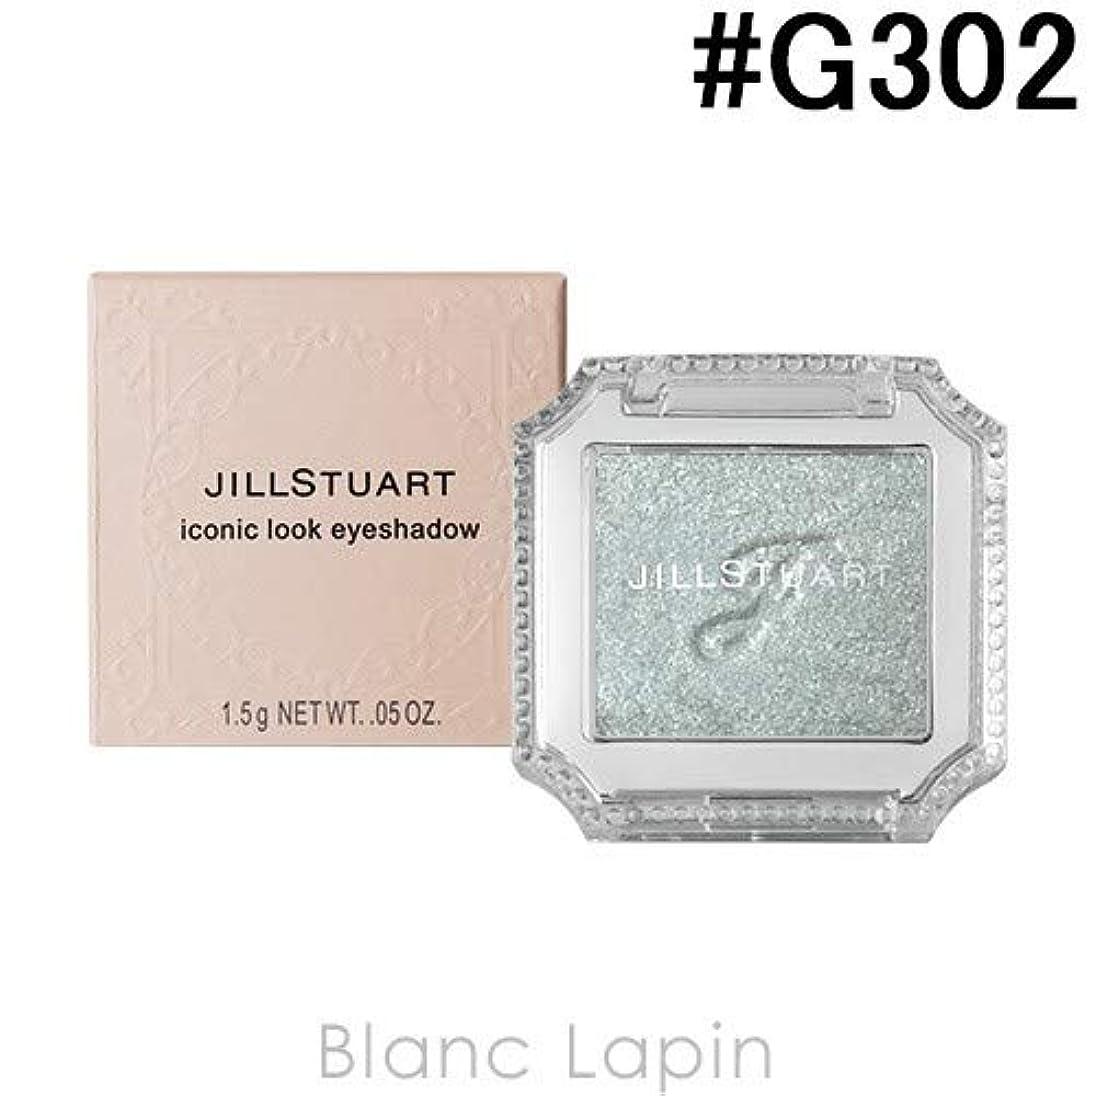 ビルマ損なう崩壊ジルスチュアート JILL STUART アイコニックルックアイシャドウ #G302 my darling 1.5g